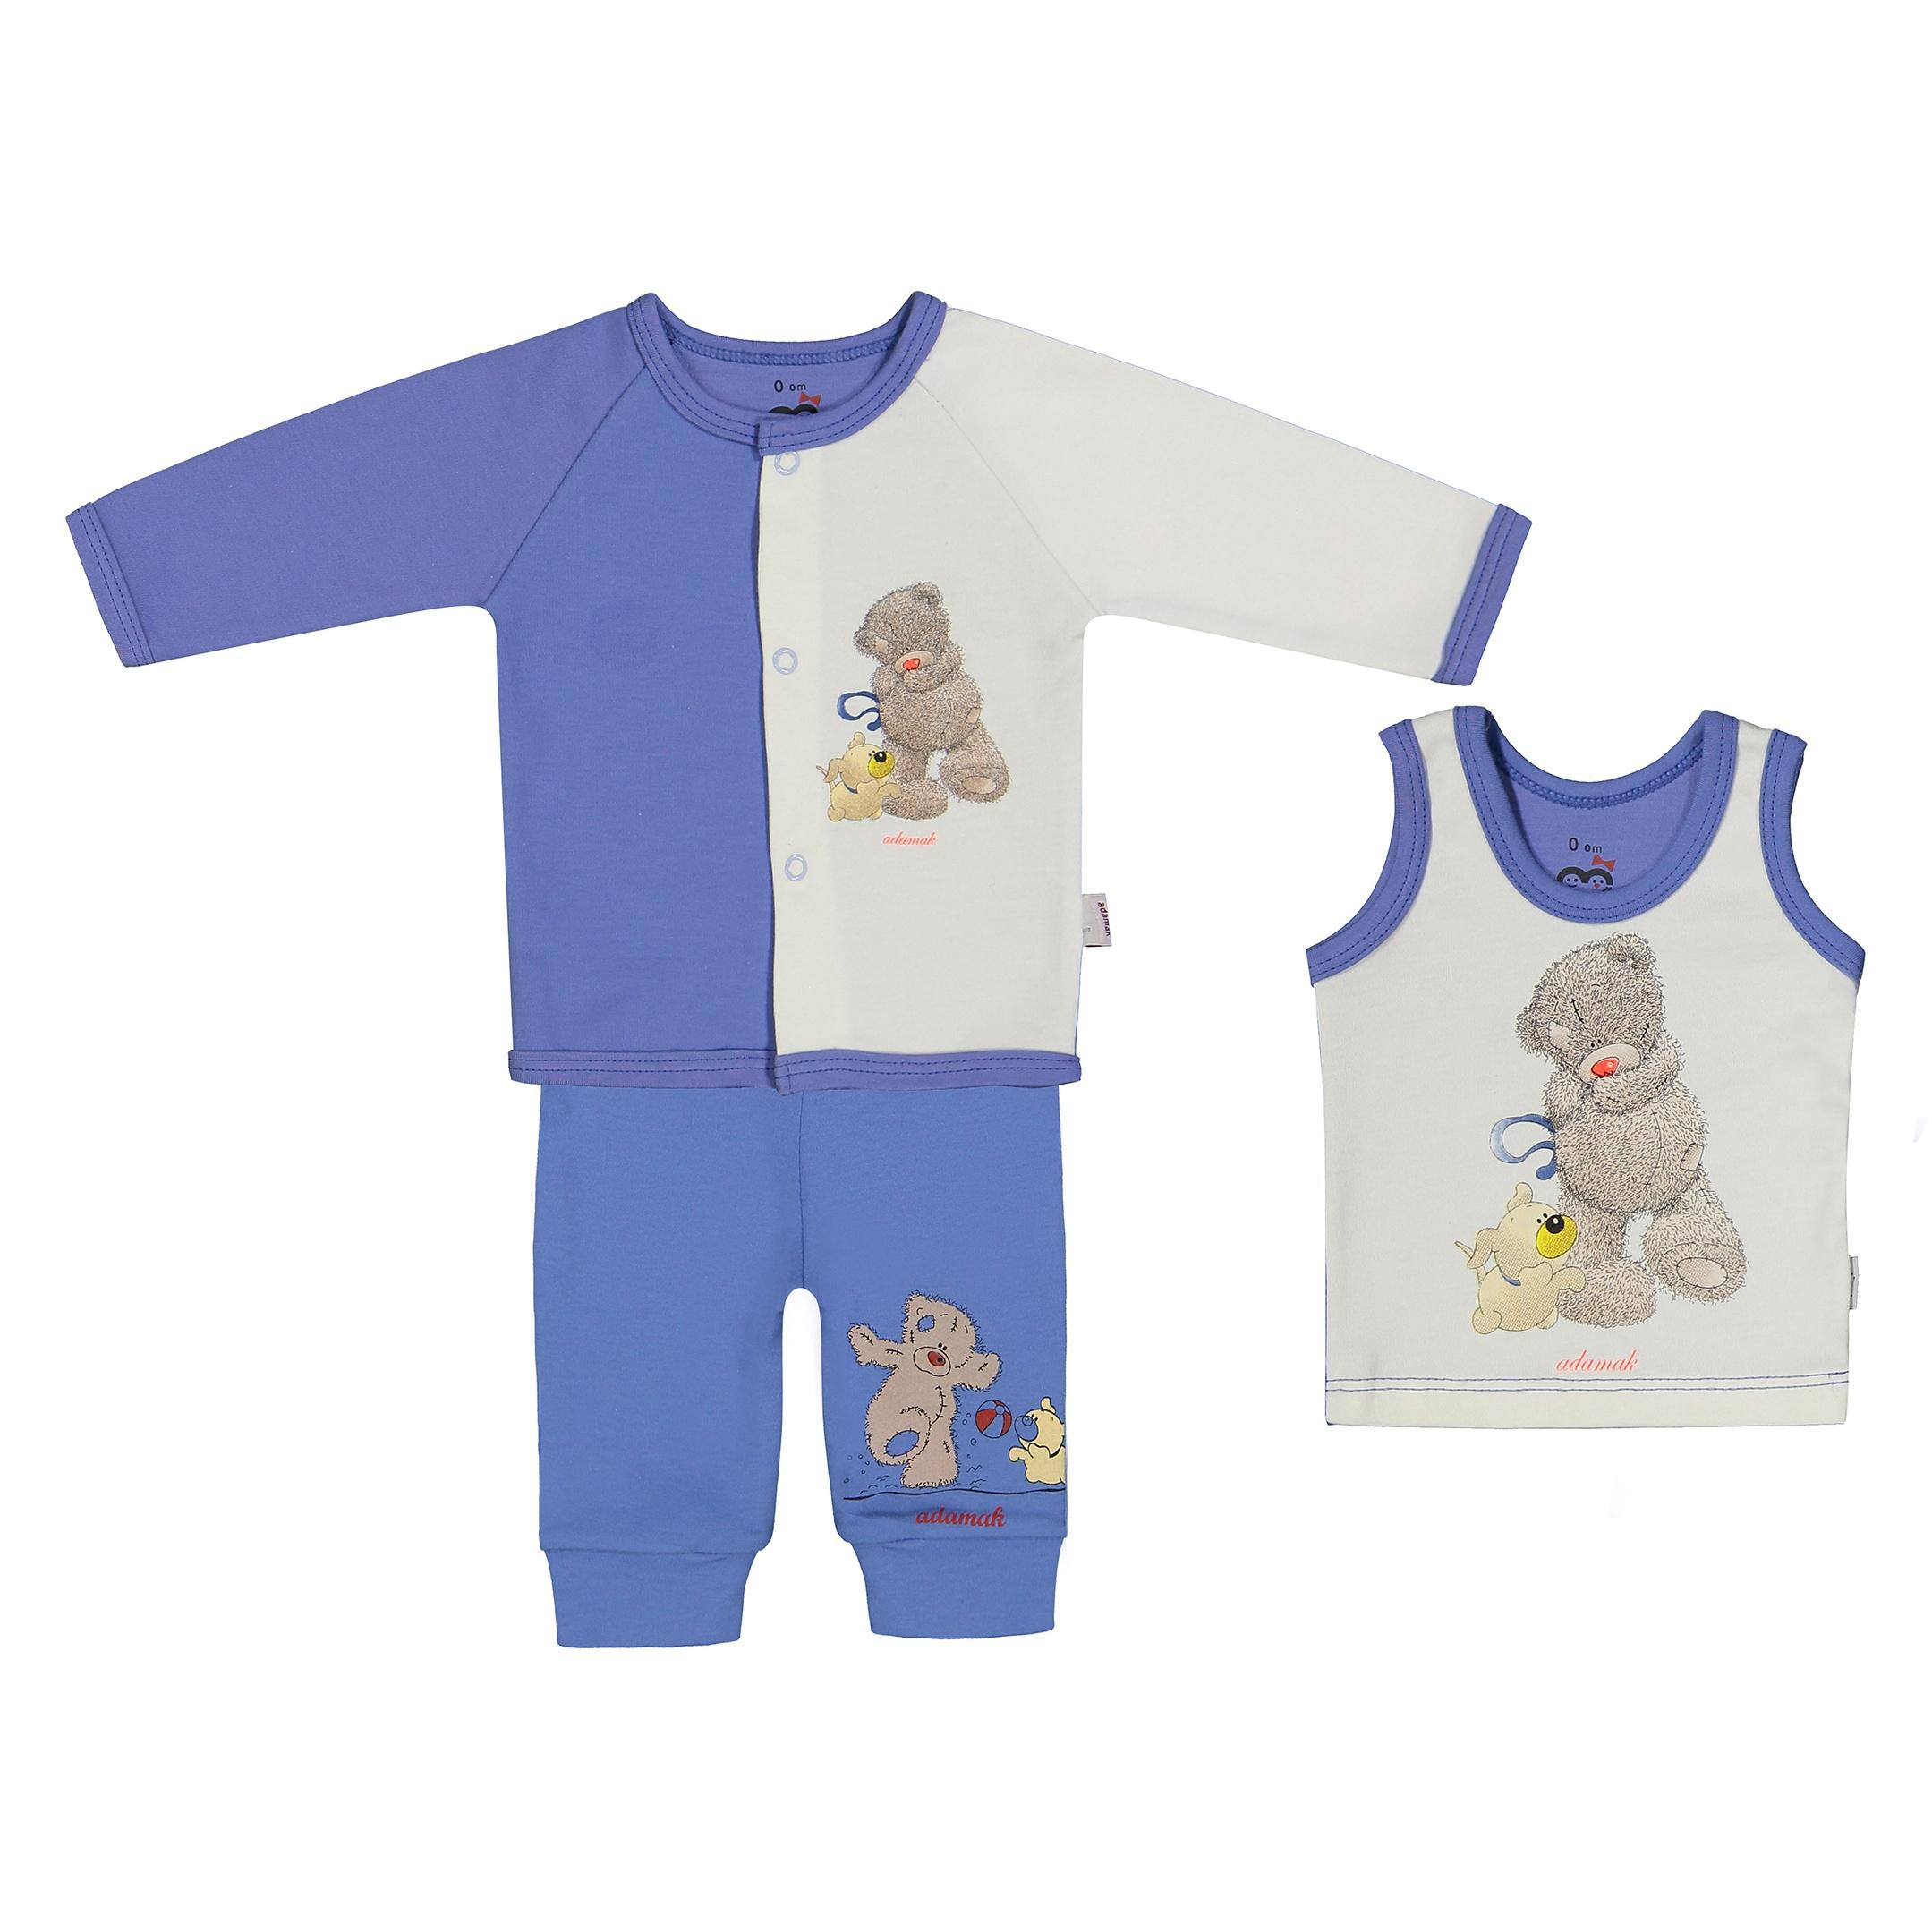 ست 3 تکه نوزادی پسرانه آدمک مدل 2171106-50